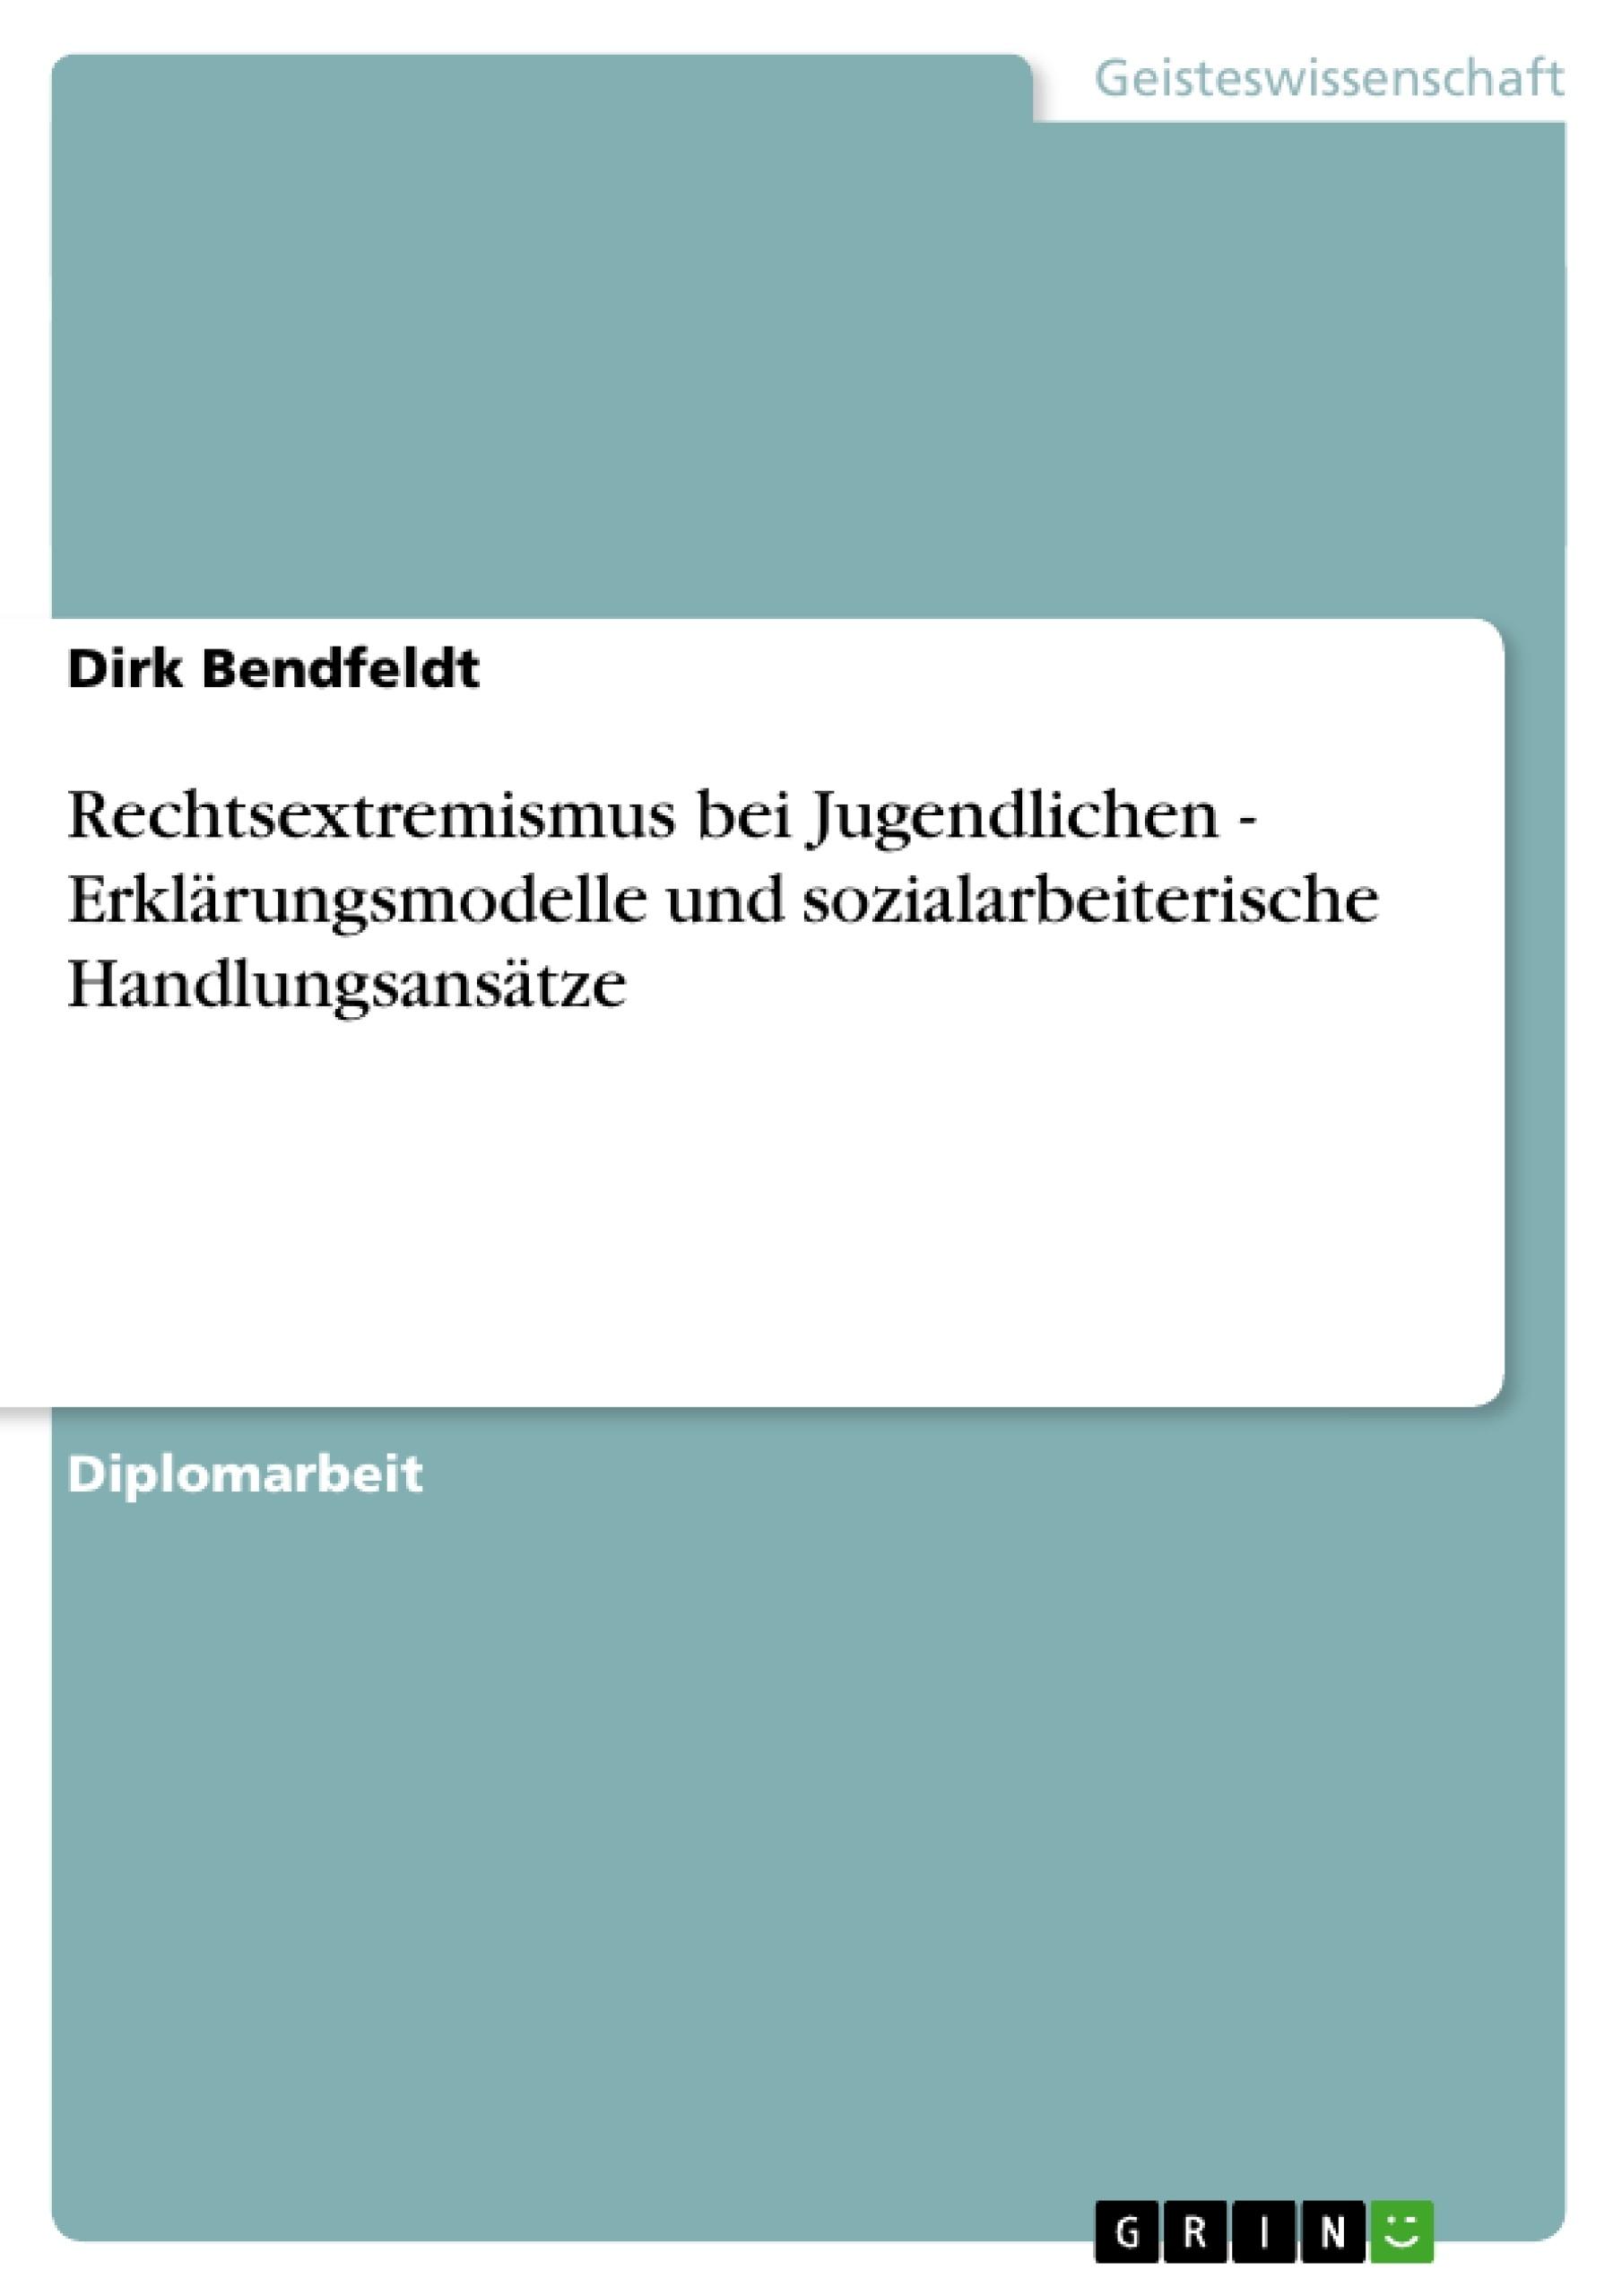 Titel: Rechtsextremismus bei Jugendlichen - Erklärungsmodelle und sozialarbeiterische Handlungsansätze